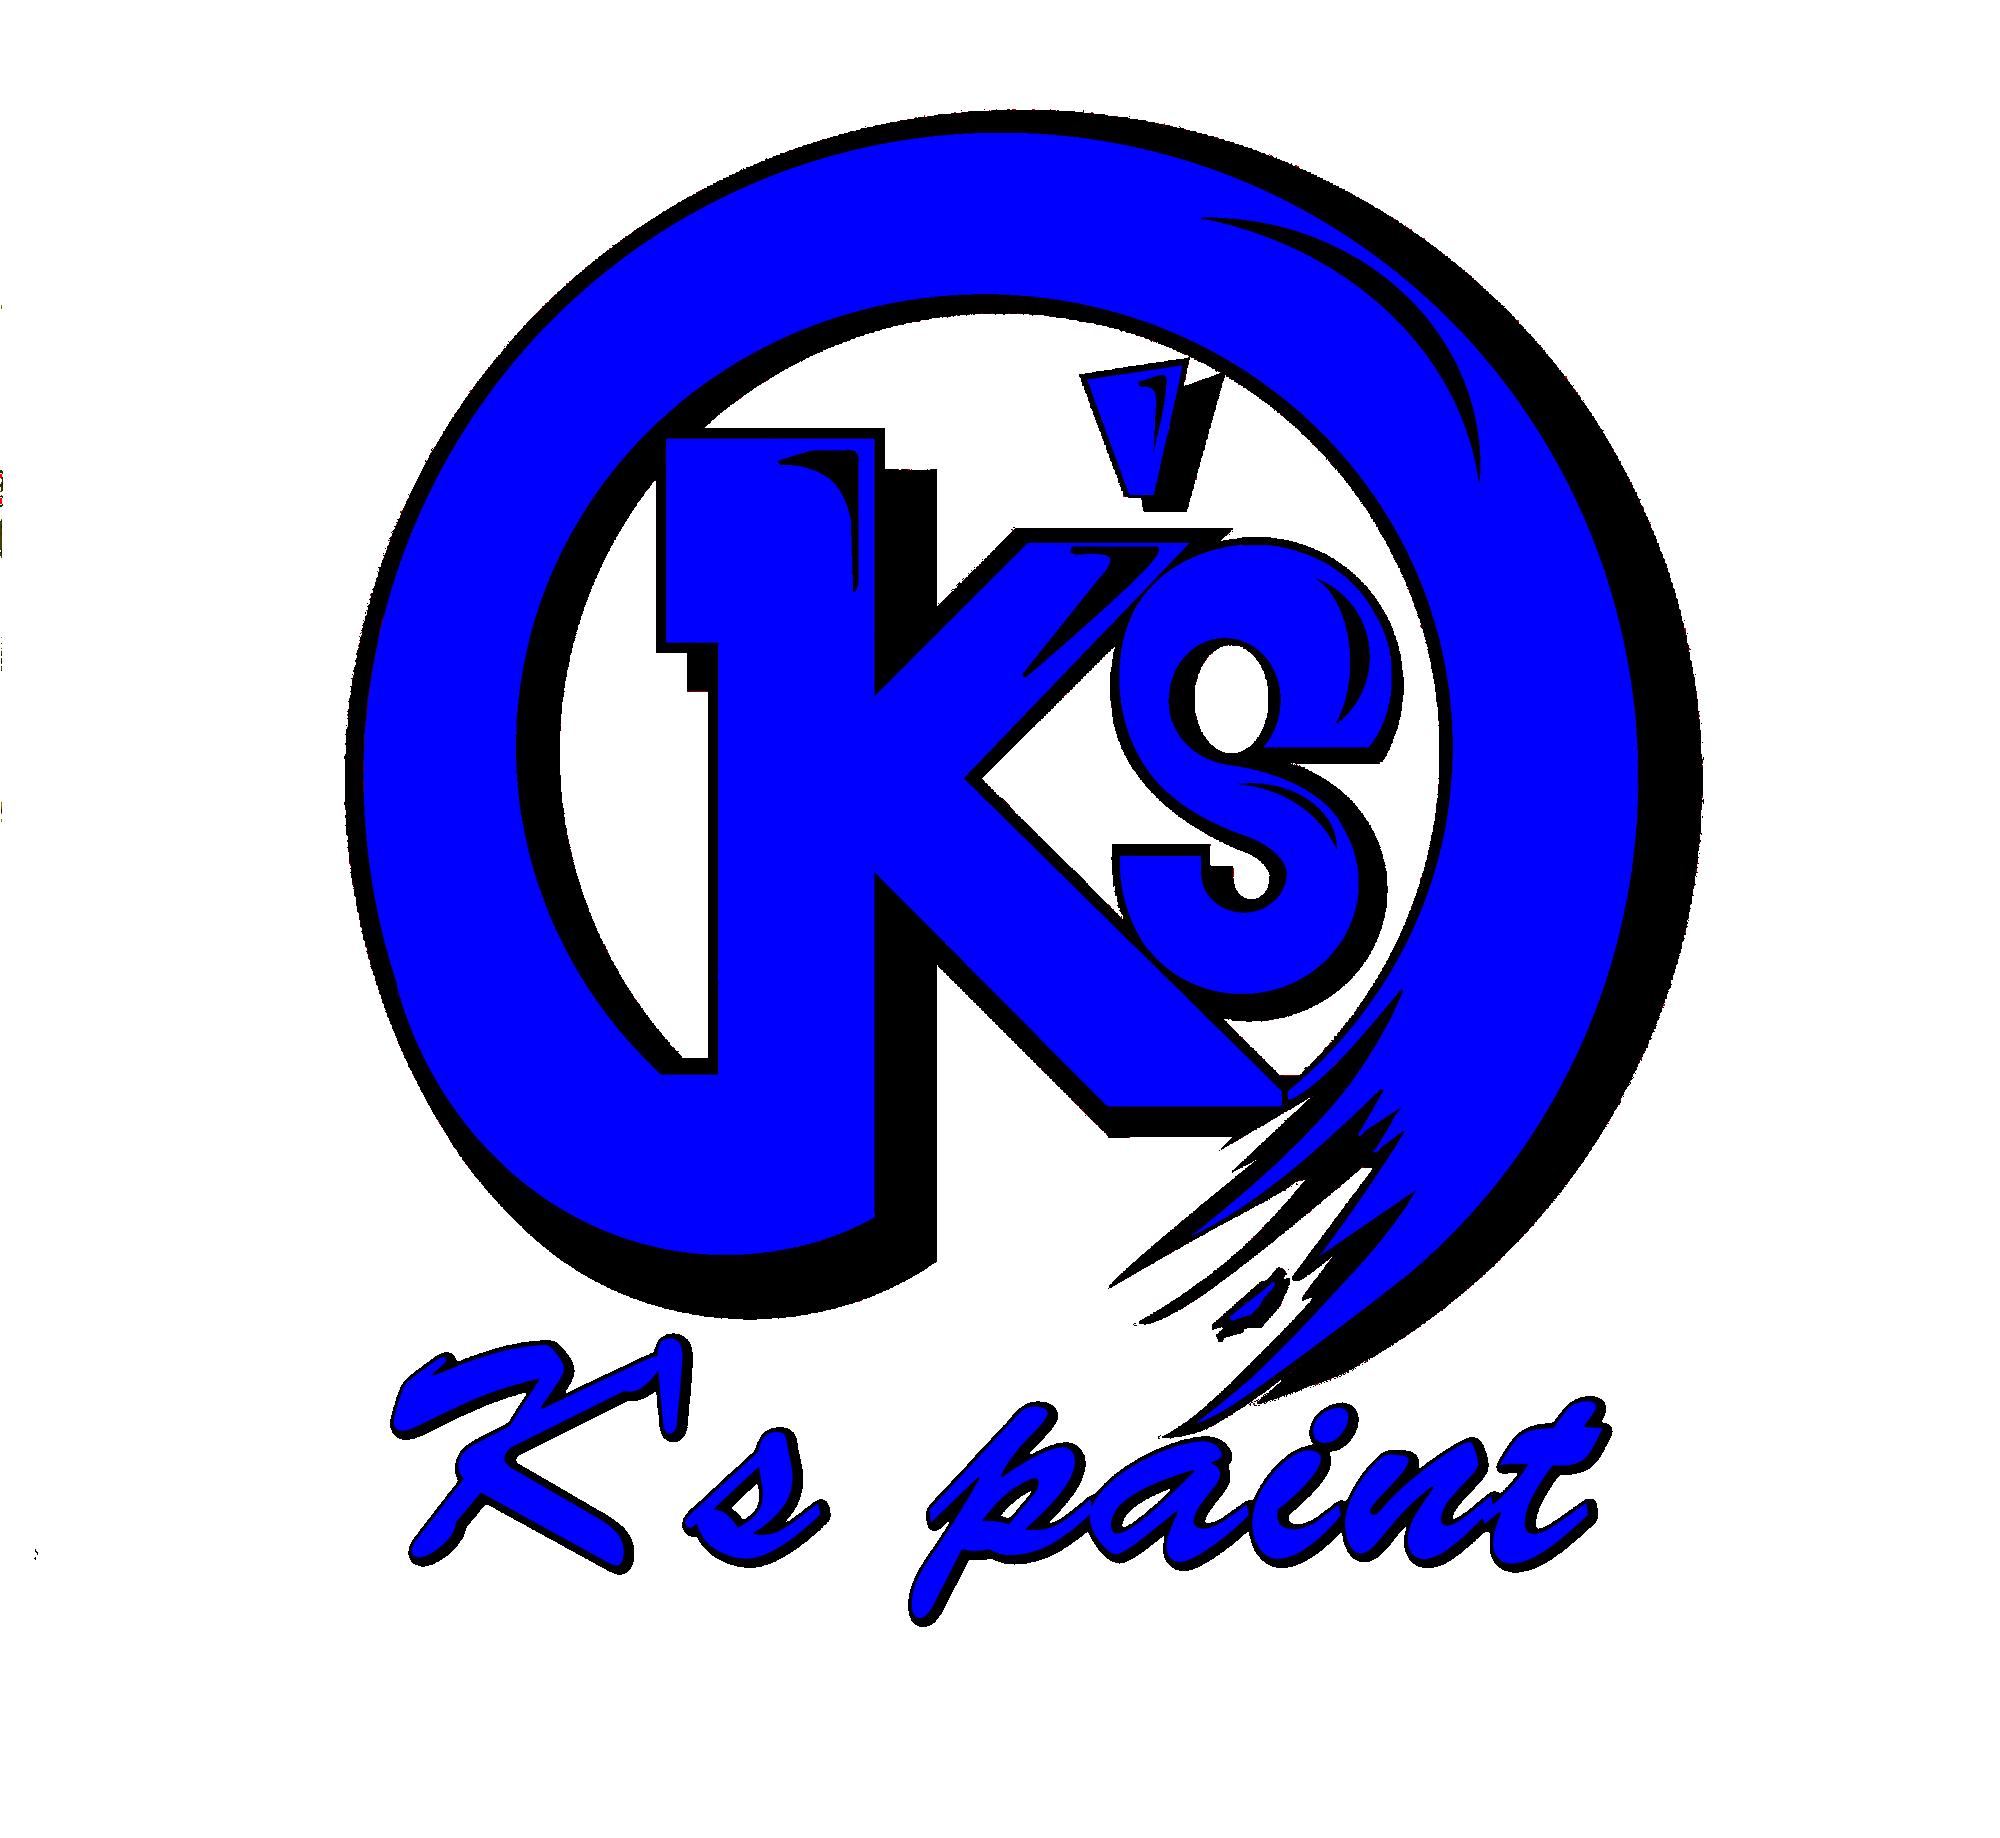 株式会社K's塗装のロゴ